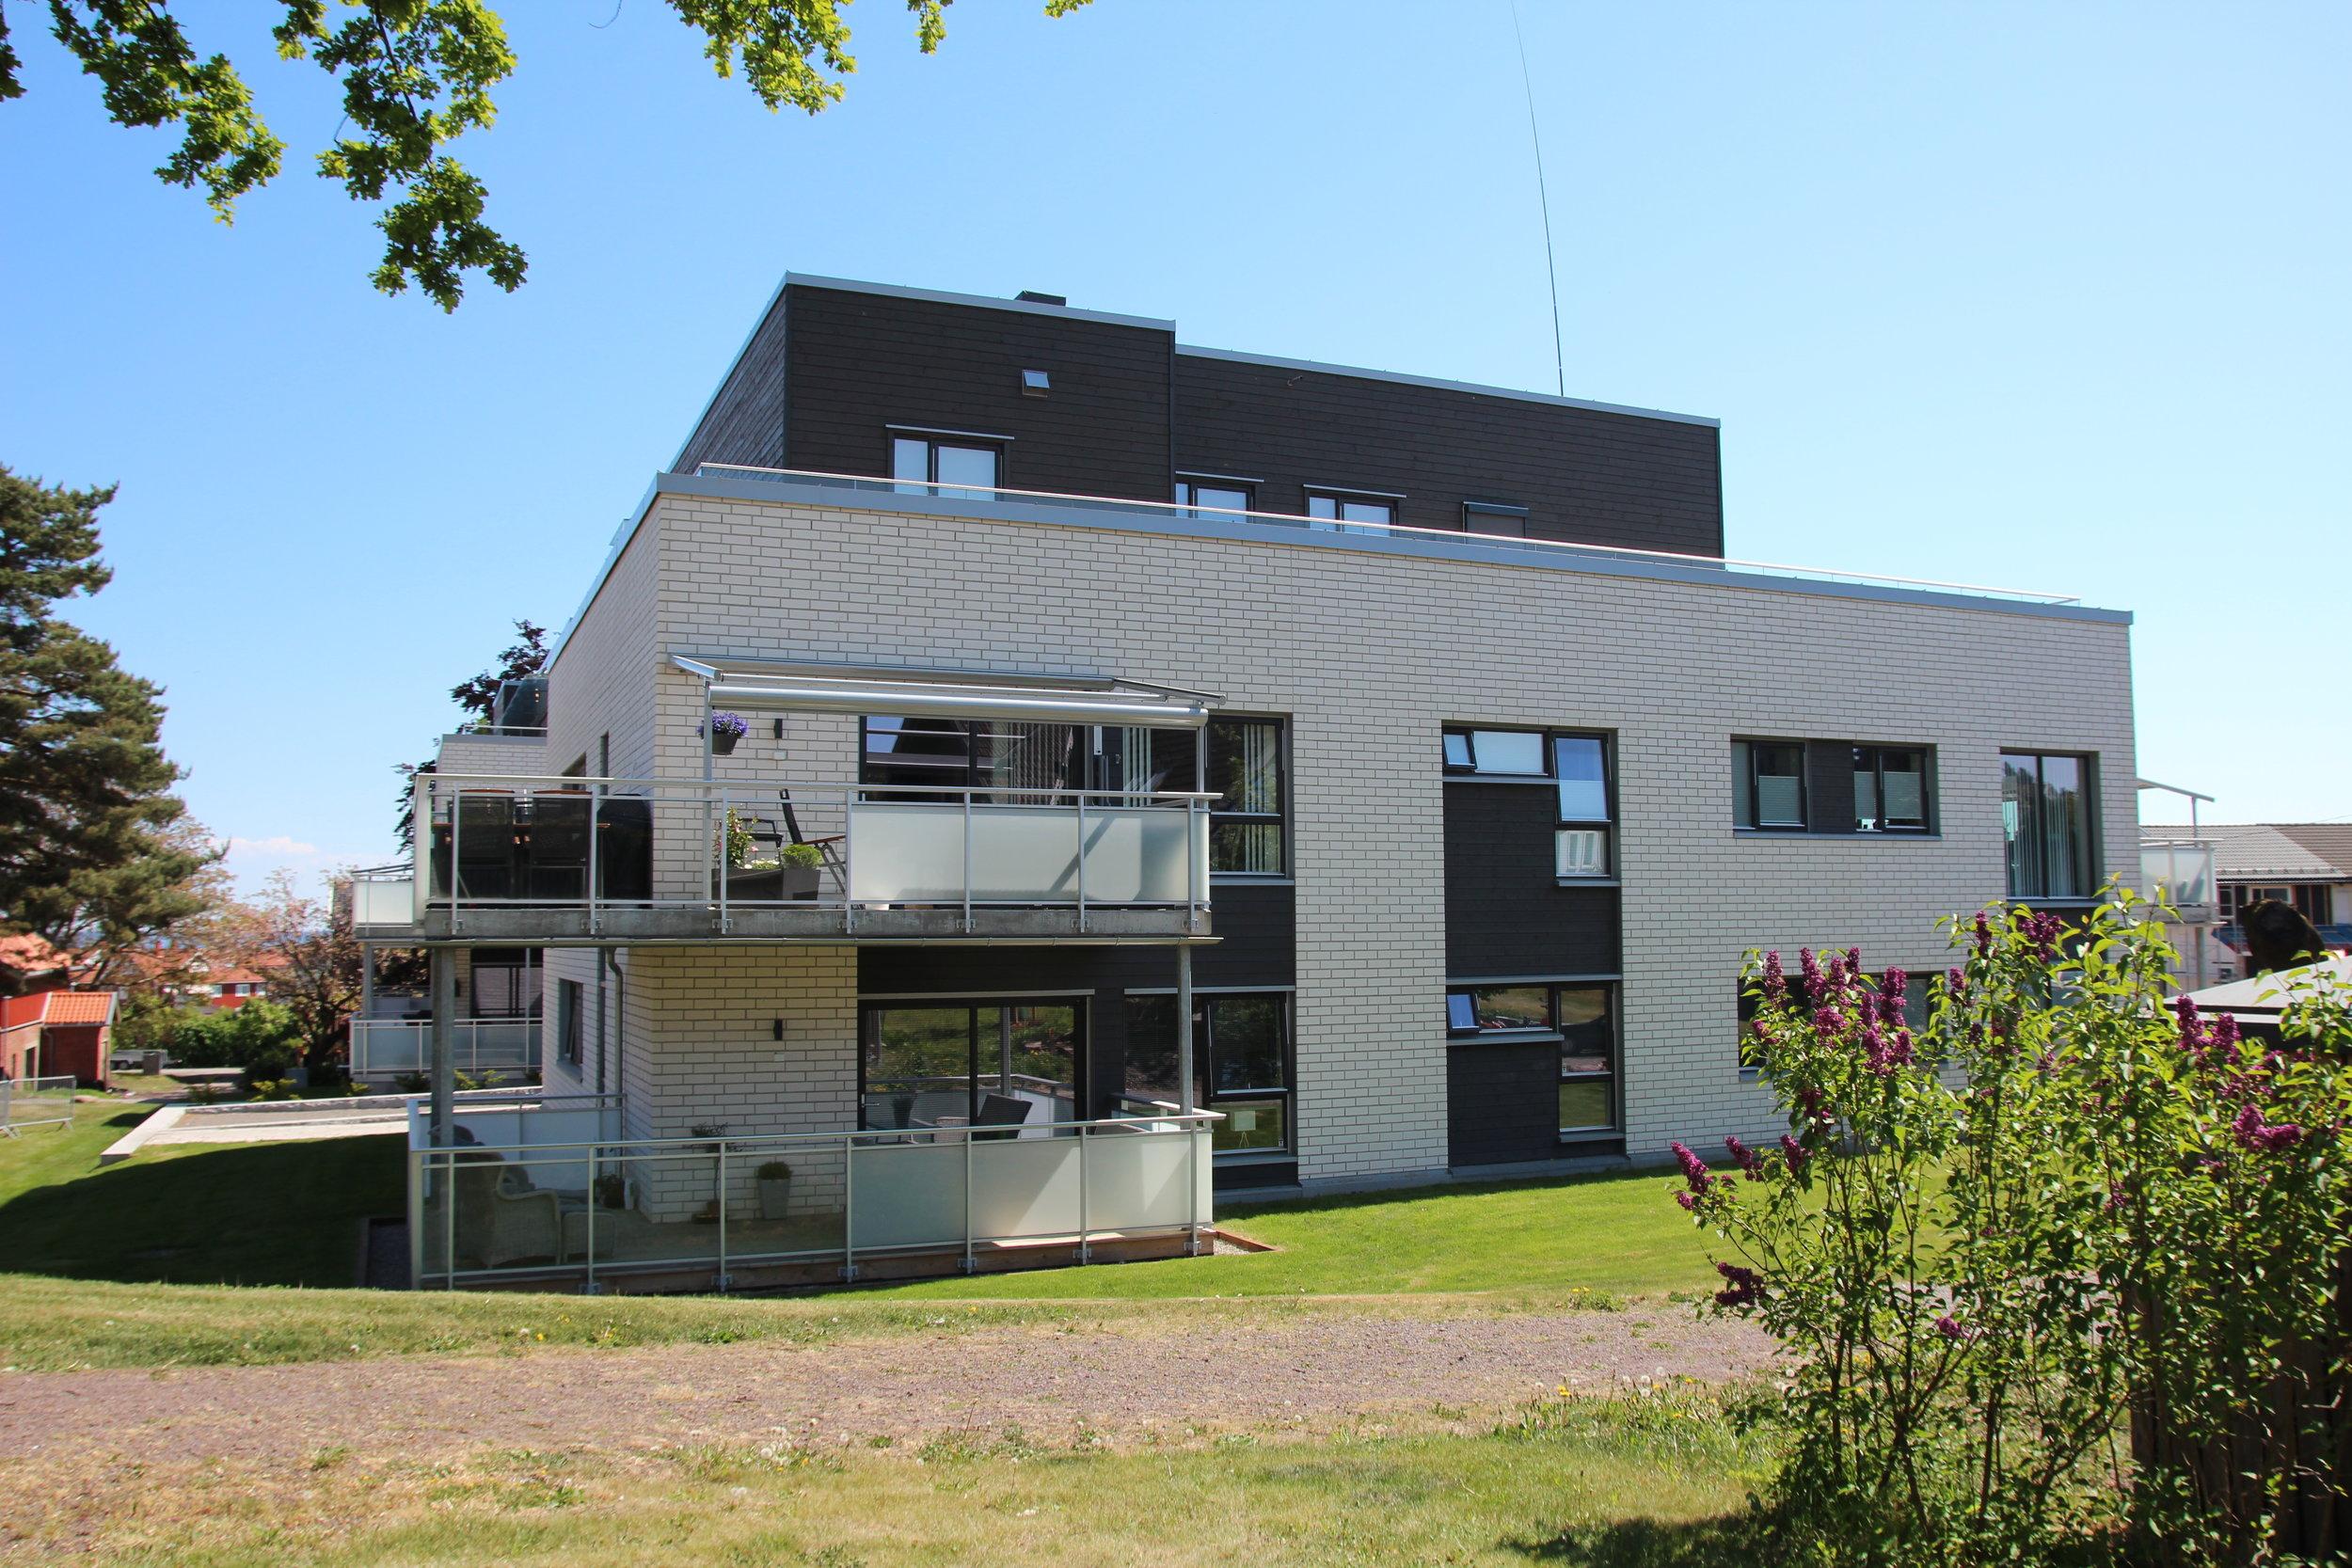 - Tomta ligger attraktivt til med en fantastisk utsikt over Oslofjorden. Prosjektet består av to leilighetsbygg med ett felles trappehus, og broer som forbindelsesledd. Bebyggelsen er oppdelt for å gi flest mulig tilgang til både kveldssol og utsikt. Det har 17 leiligheter.